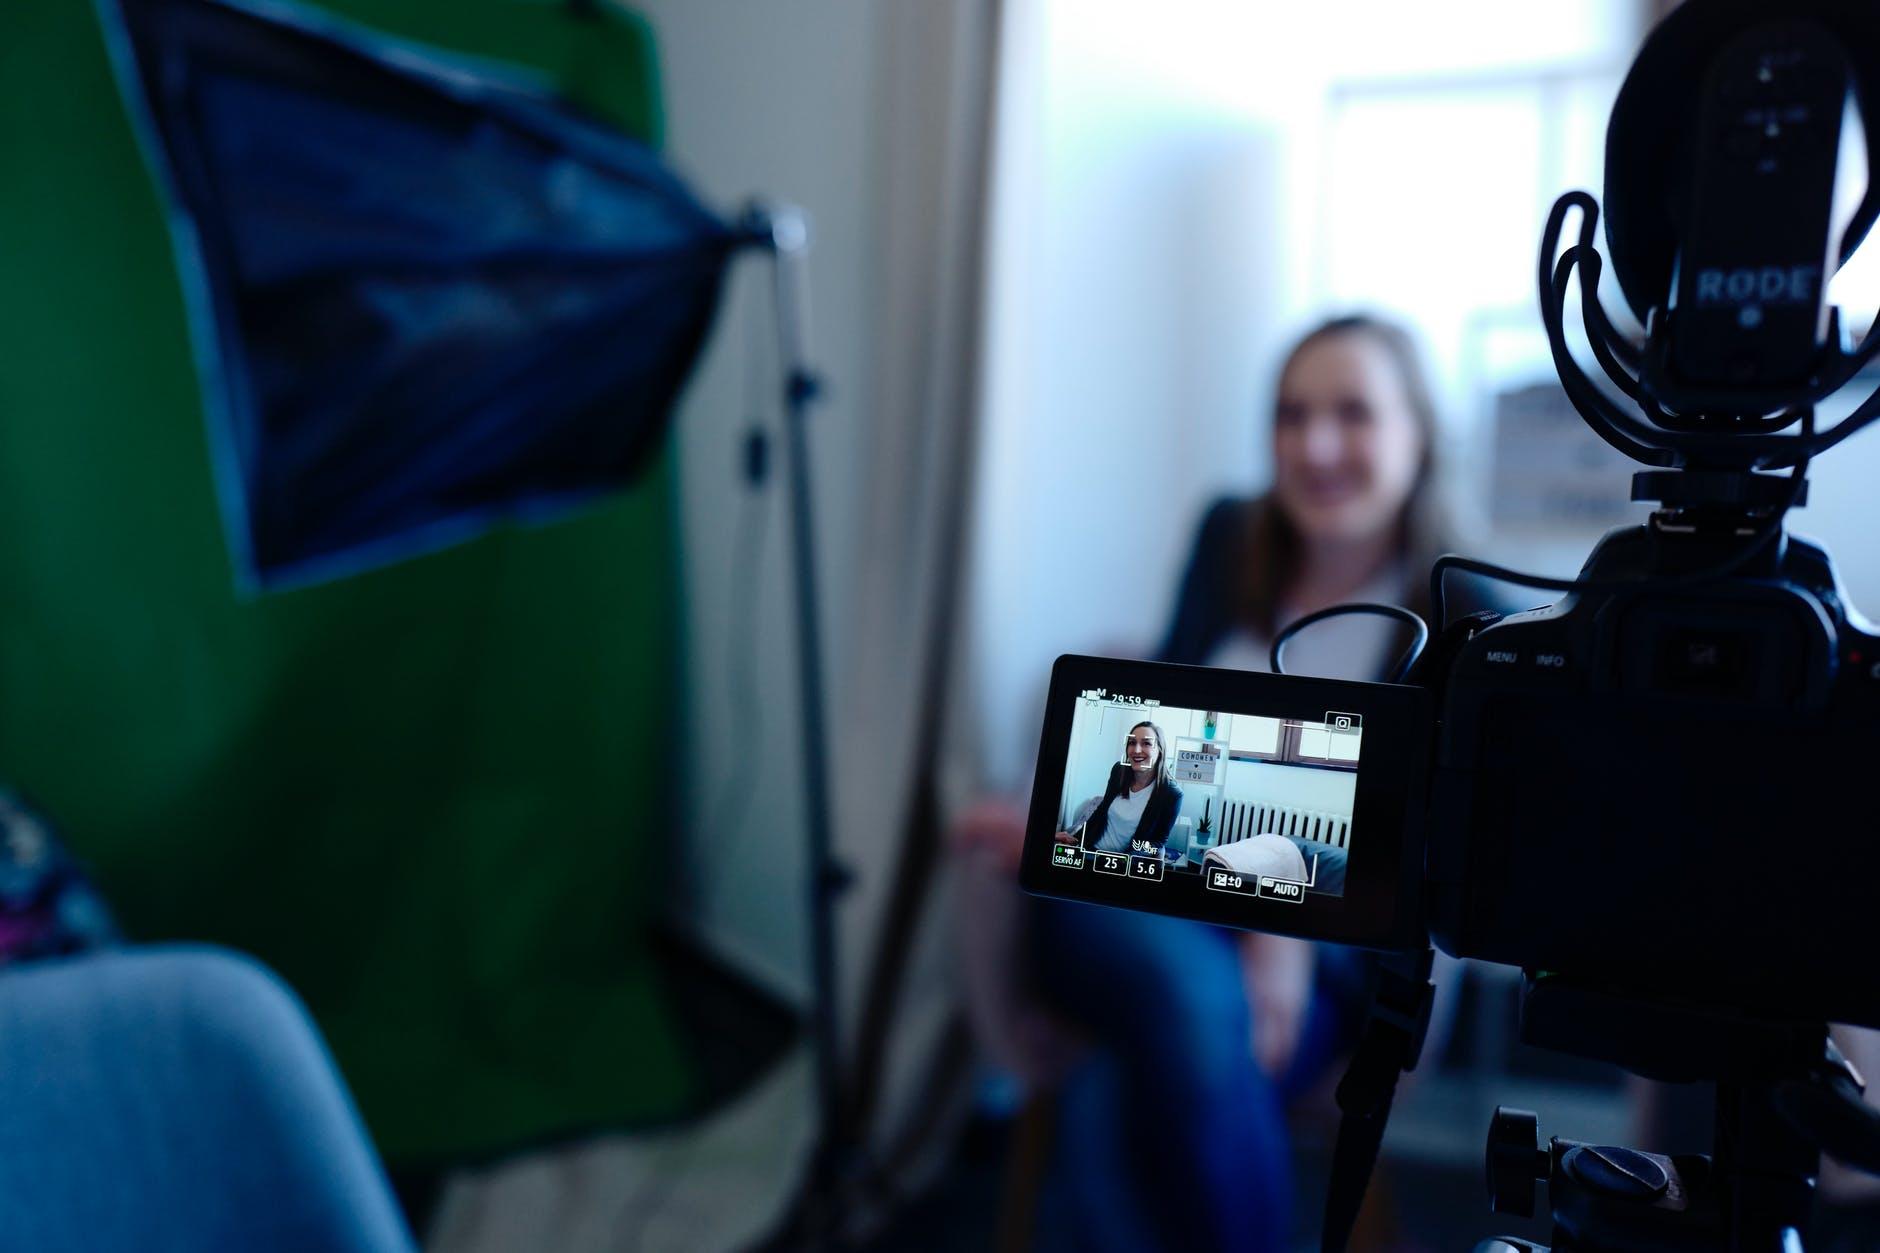 Personne interviewée et filmée par une caméra